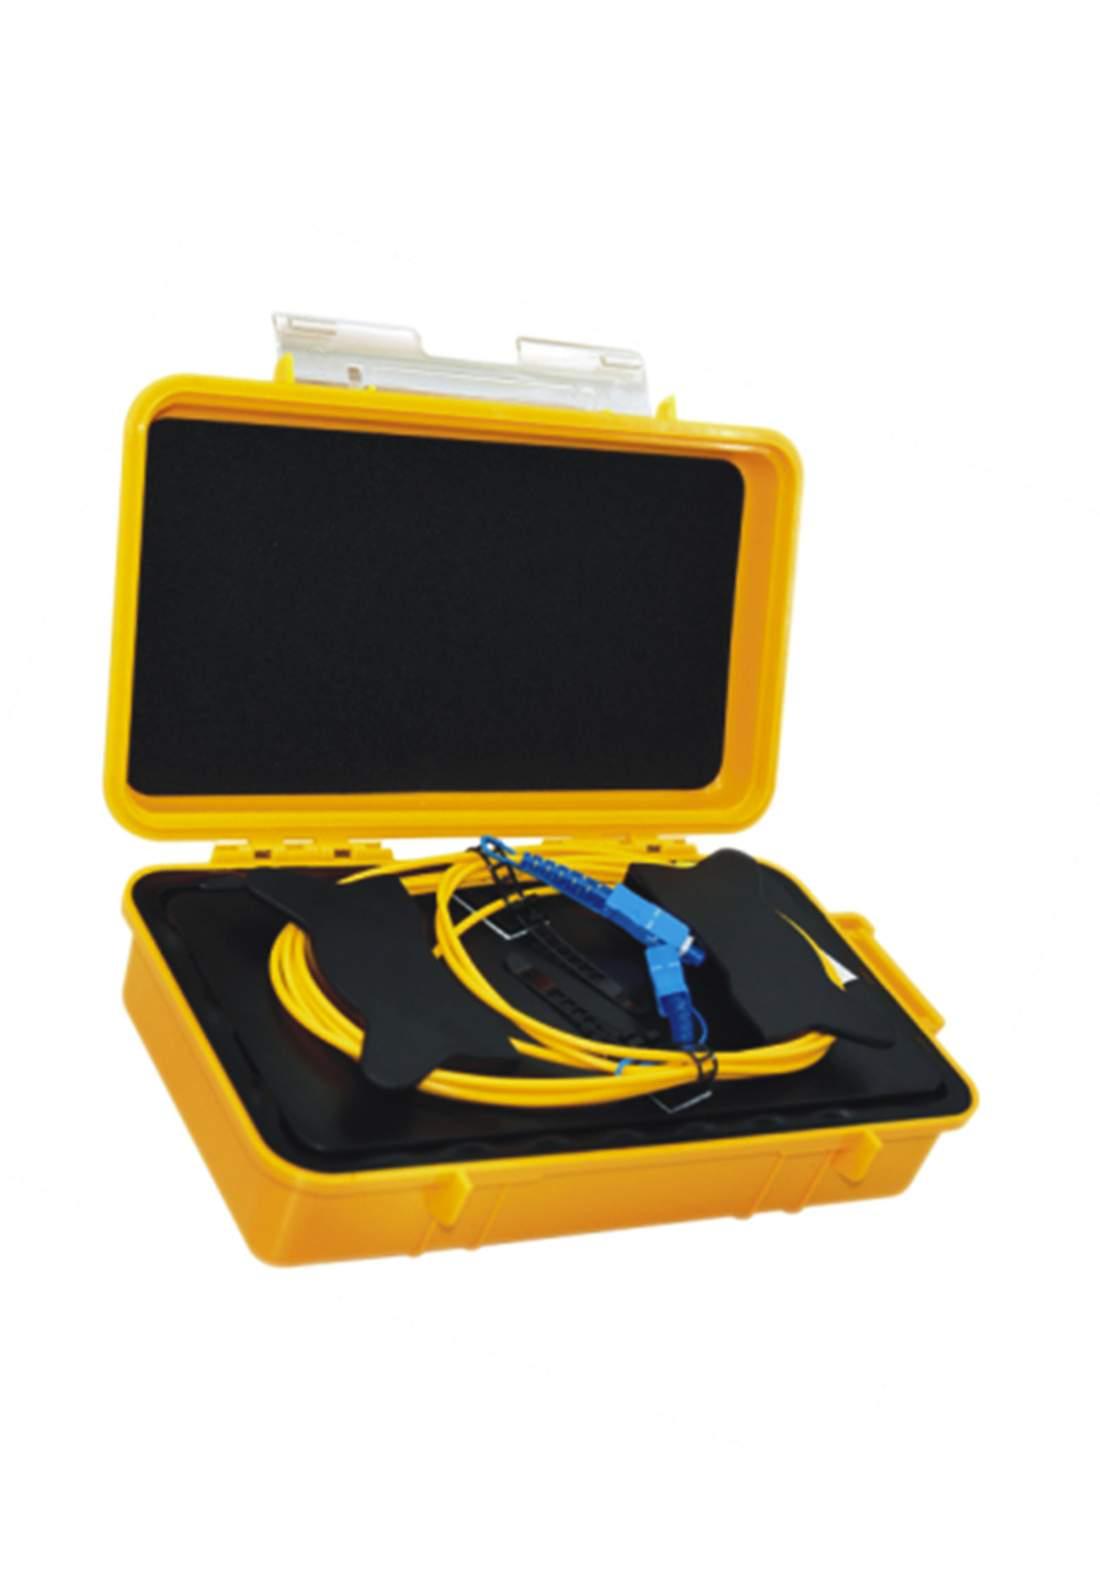 TriBrer TK-33 Fiber Launch Cable - Yellow ماكنة لحام